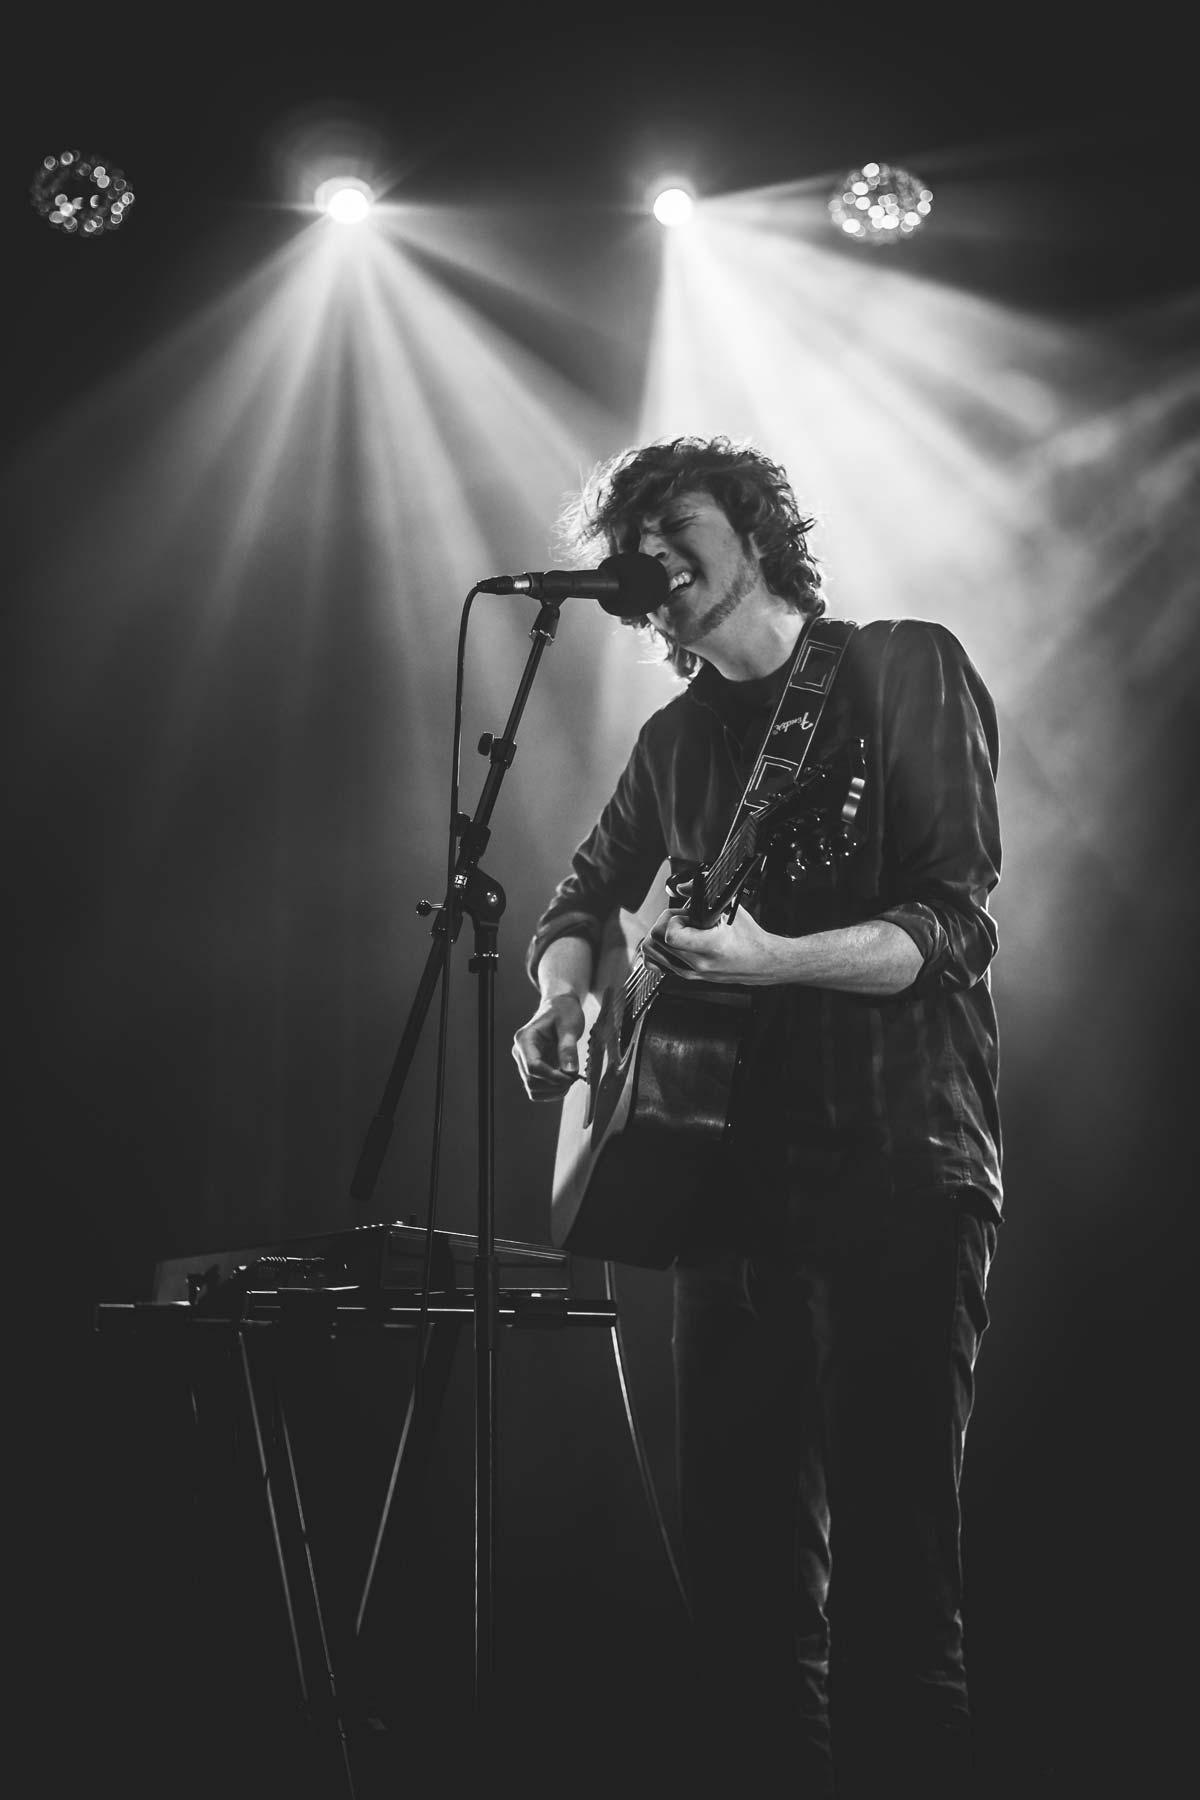 Ruven Dru - Singer-Songwriter